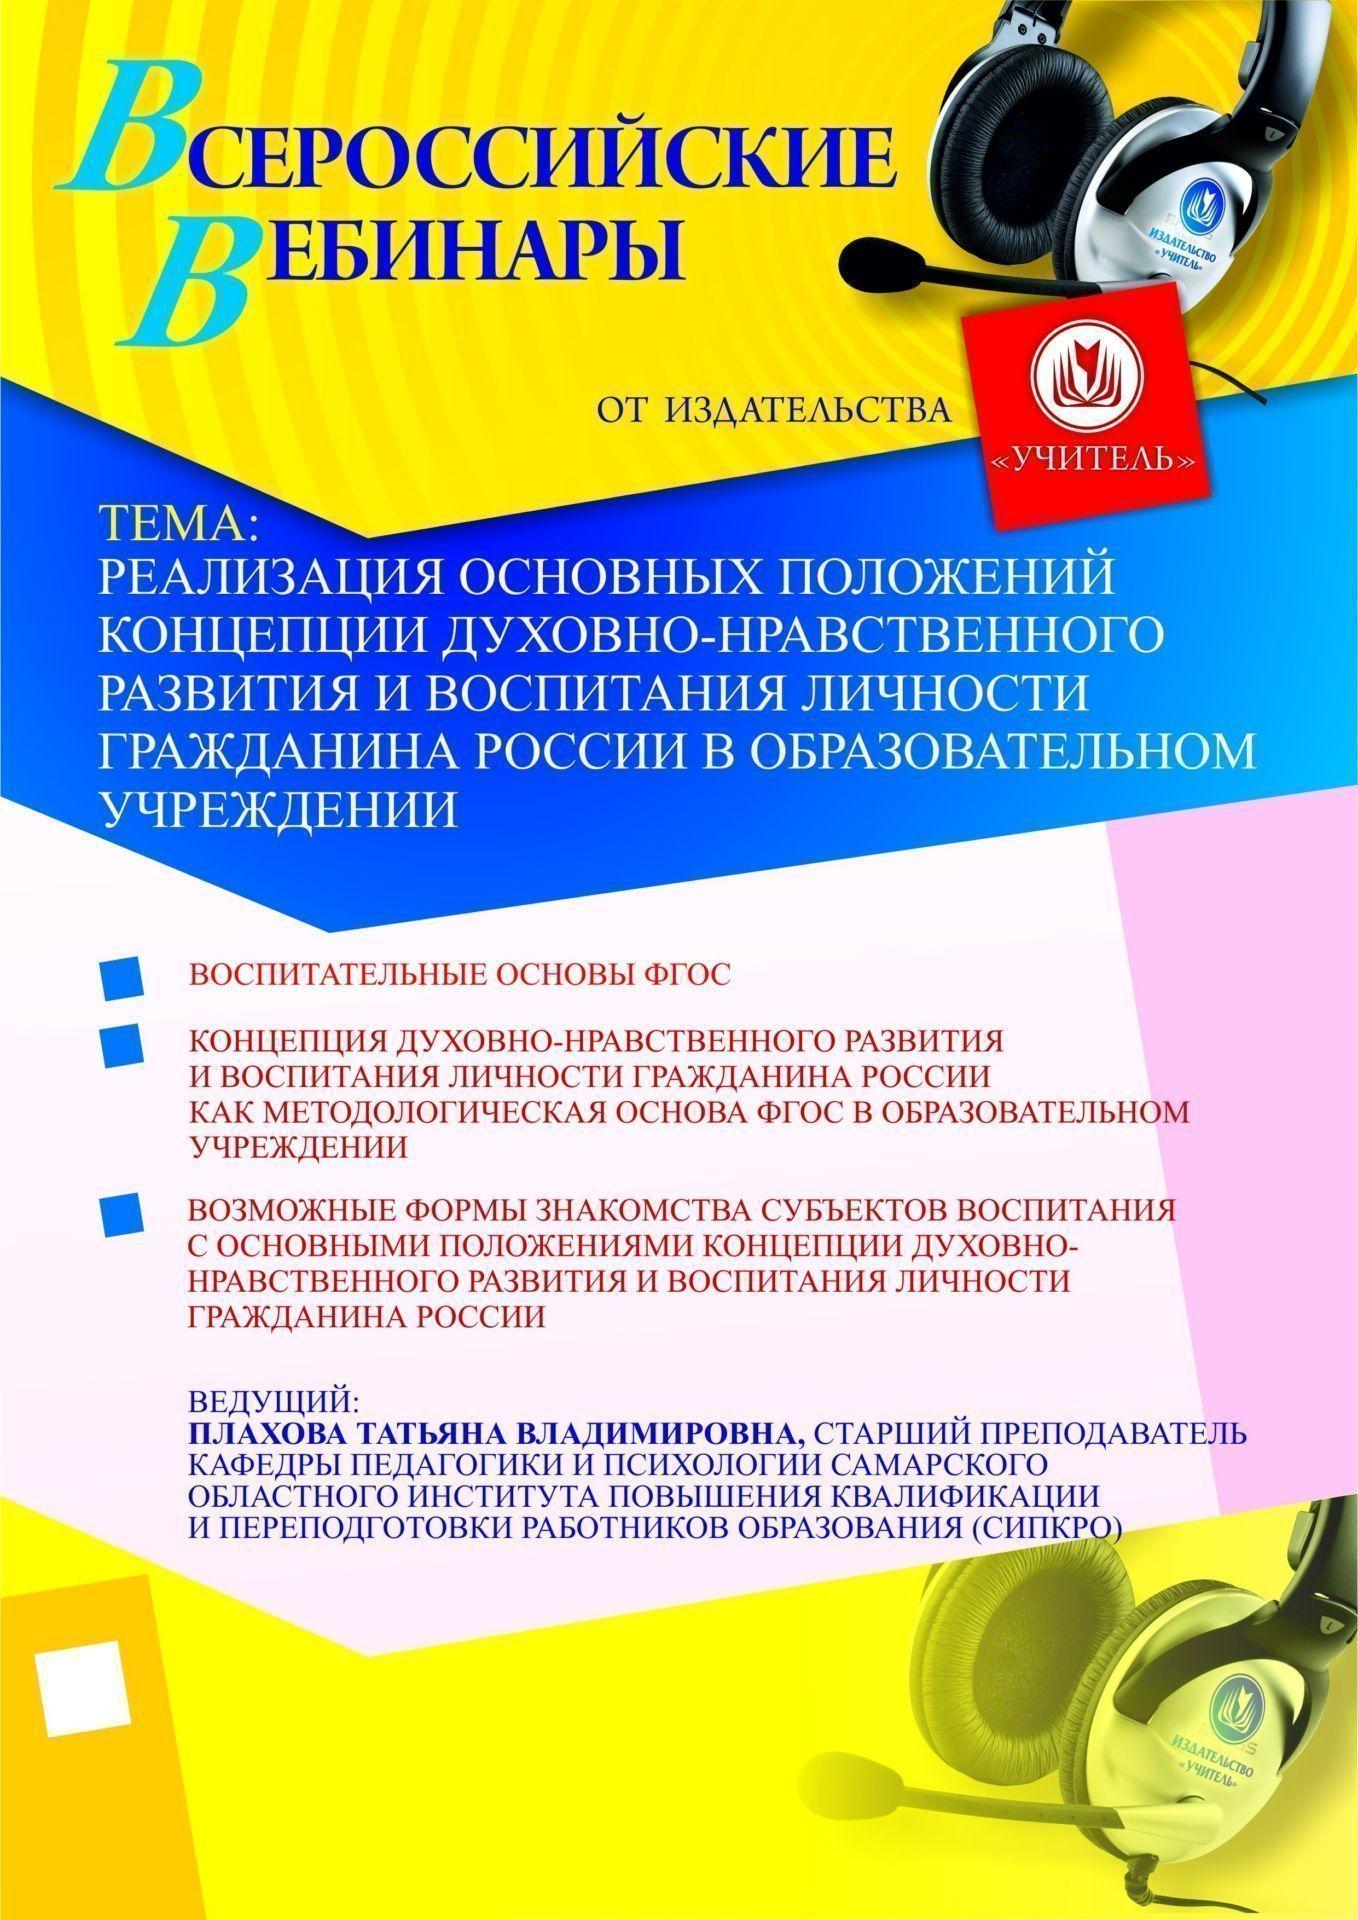 Реализация основных положений Концепции духовно-нравственного развития и воспитания личности гражданина России в образовательном учреждении фото